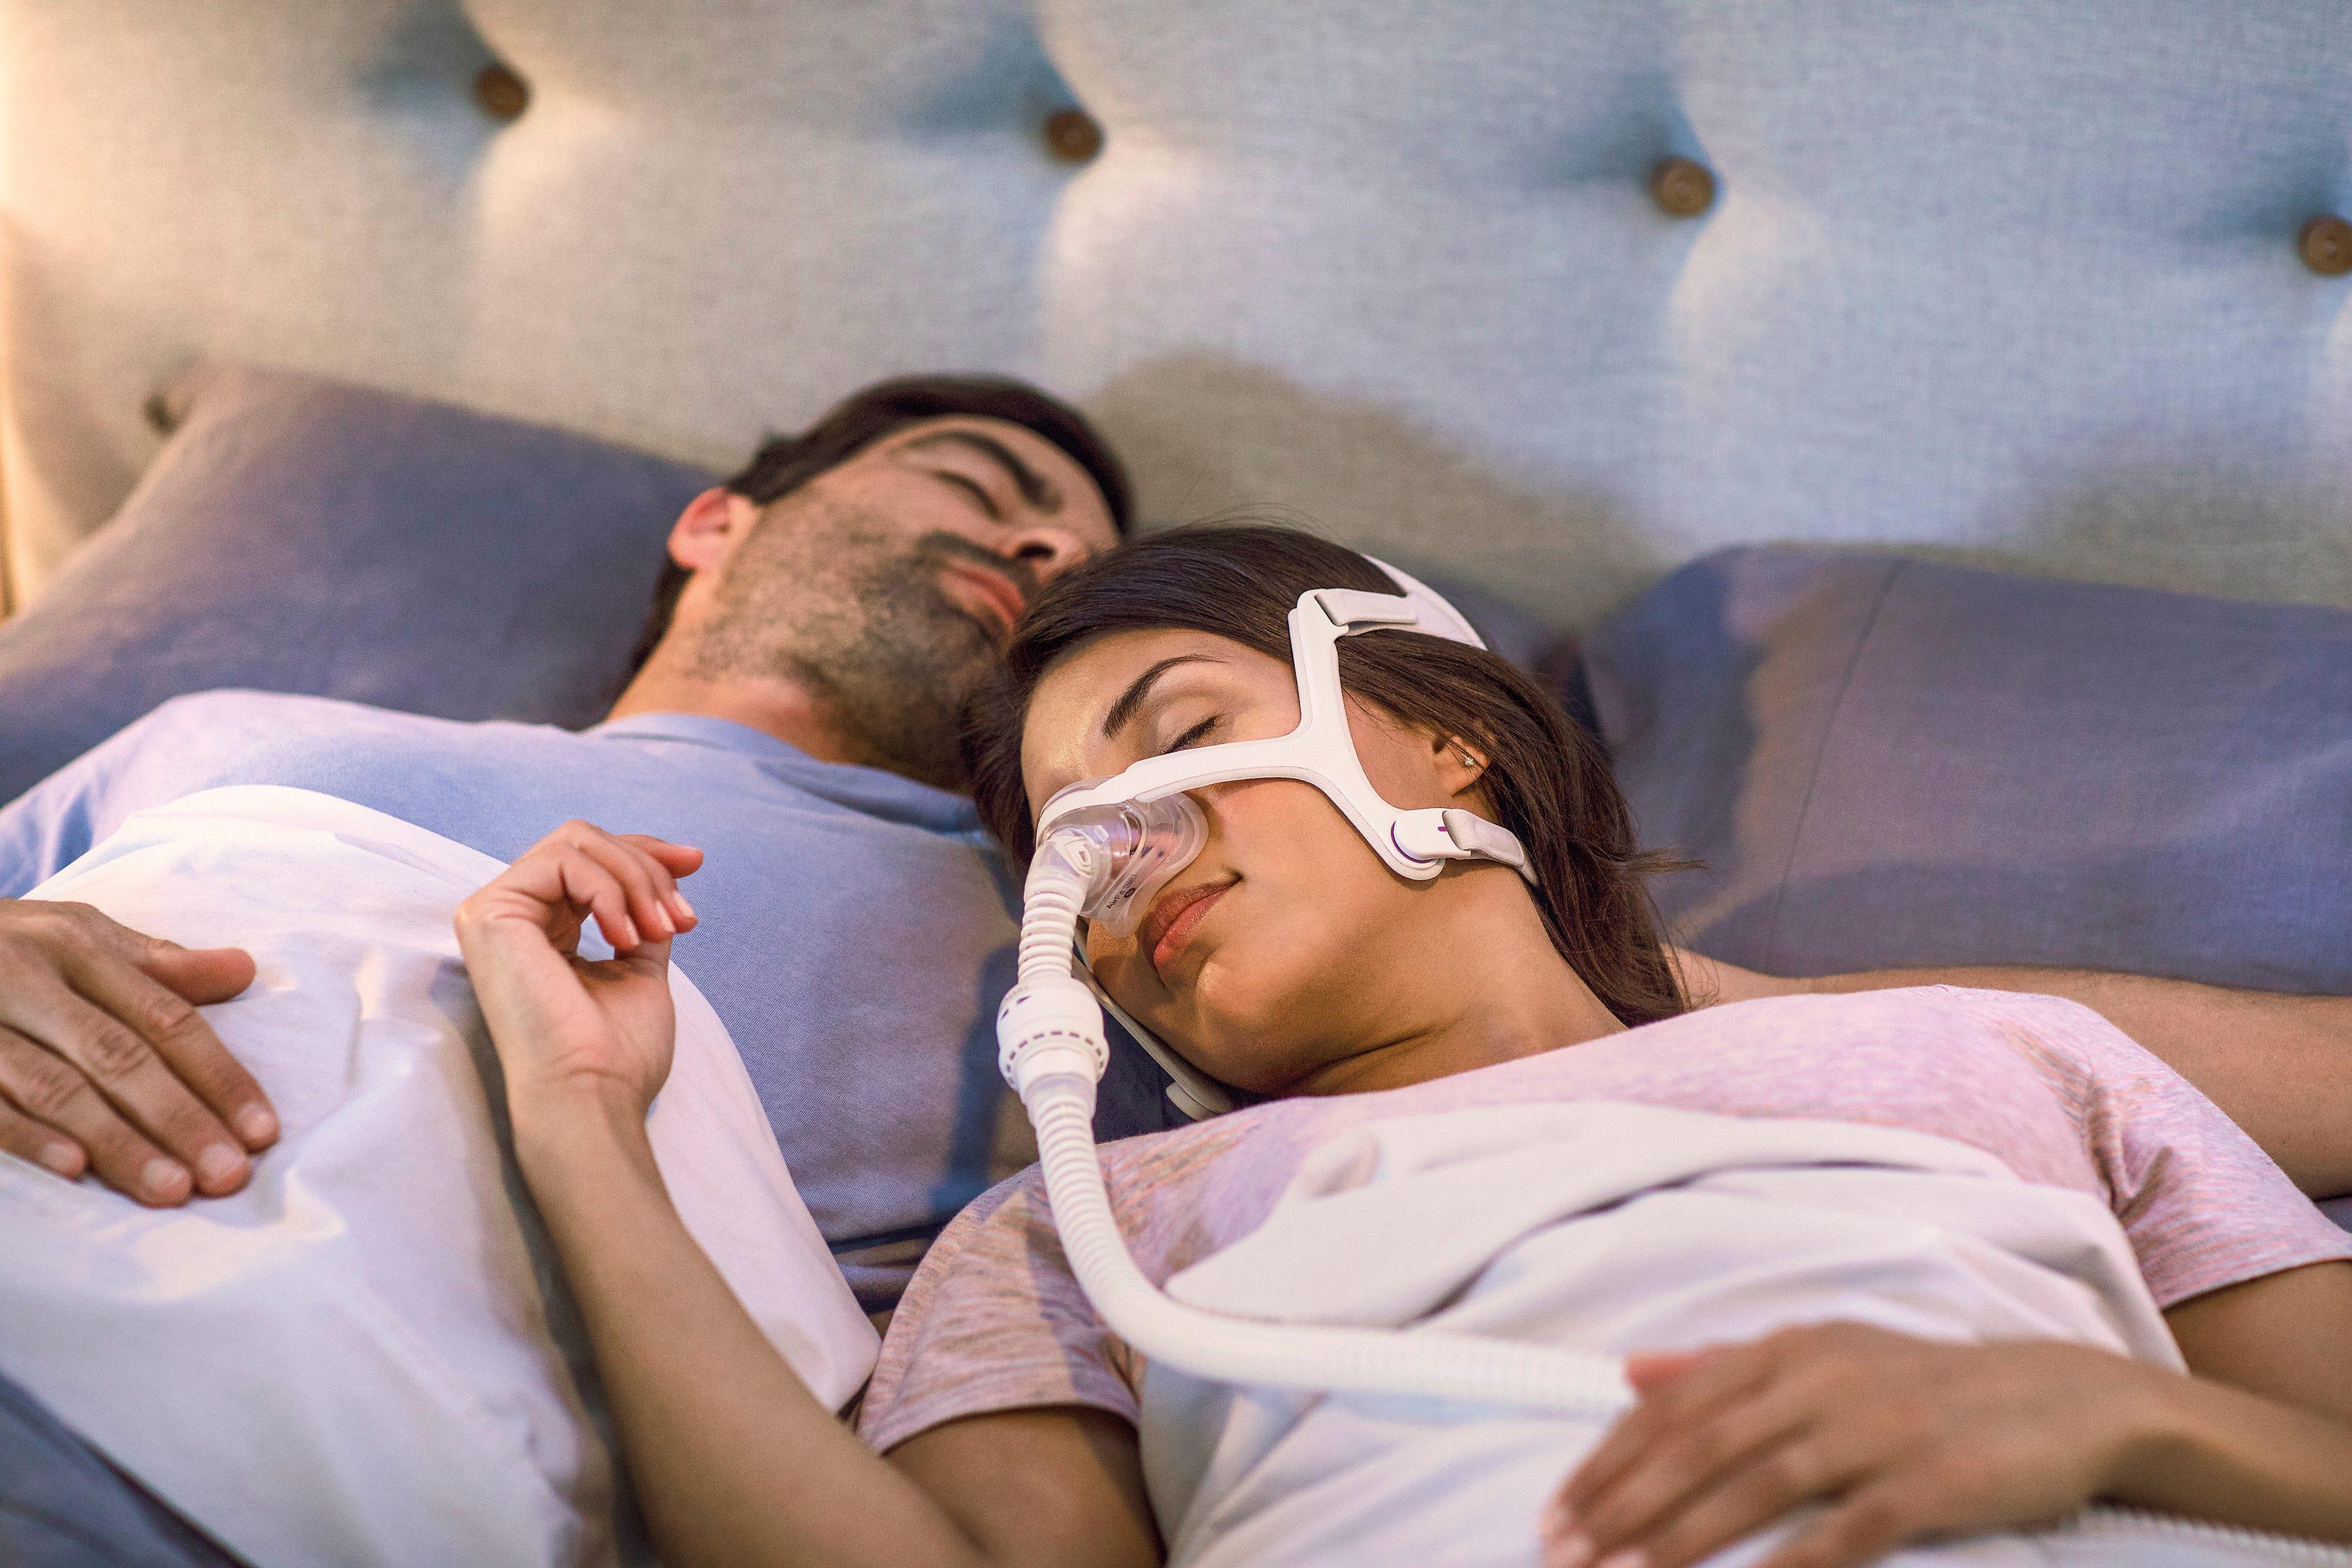 woman stops sleep apnea headaches with a CPAP